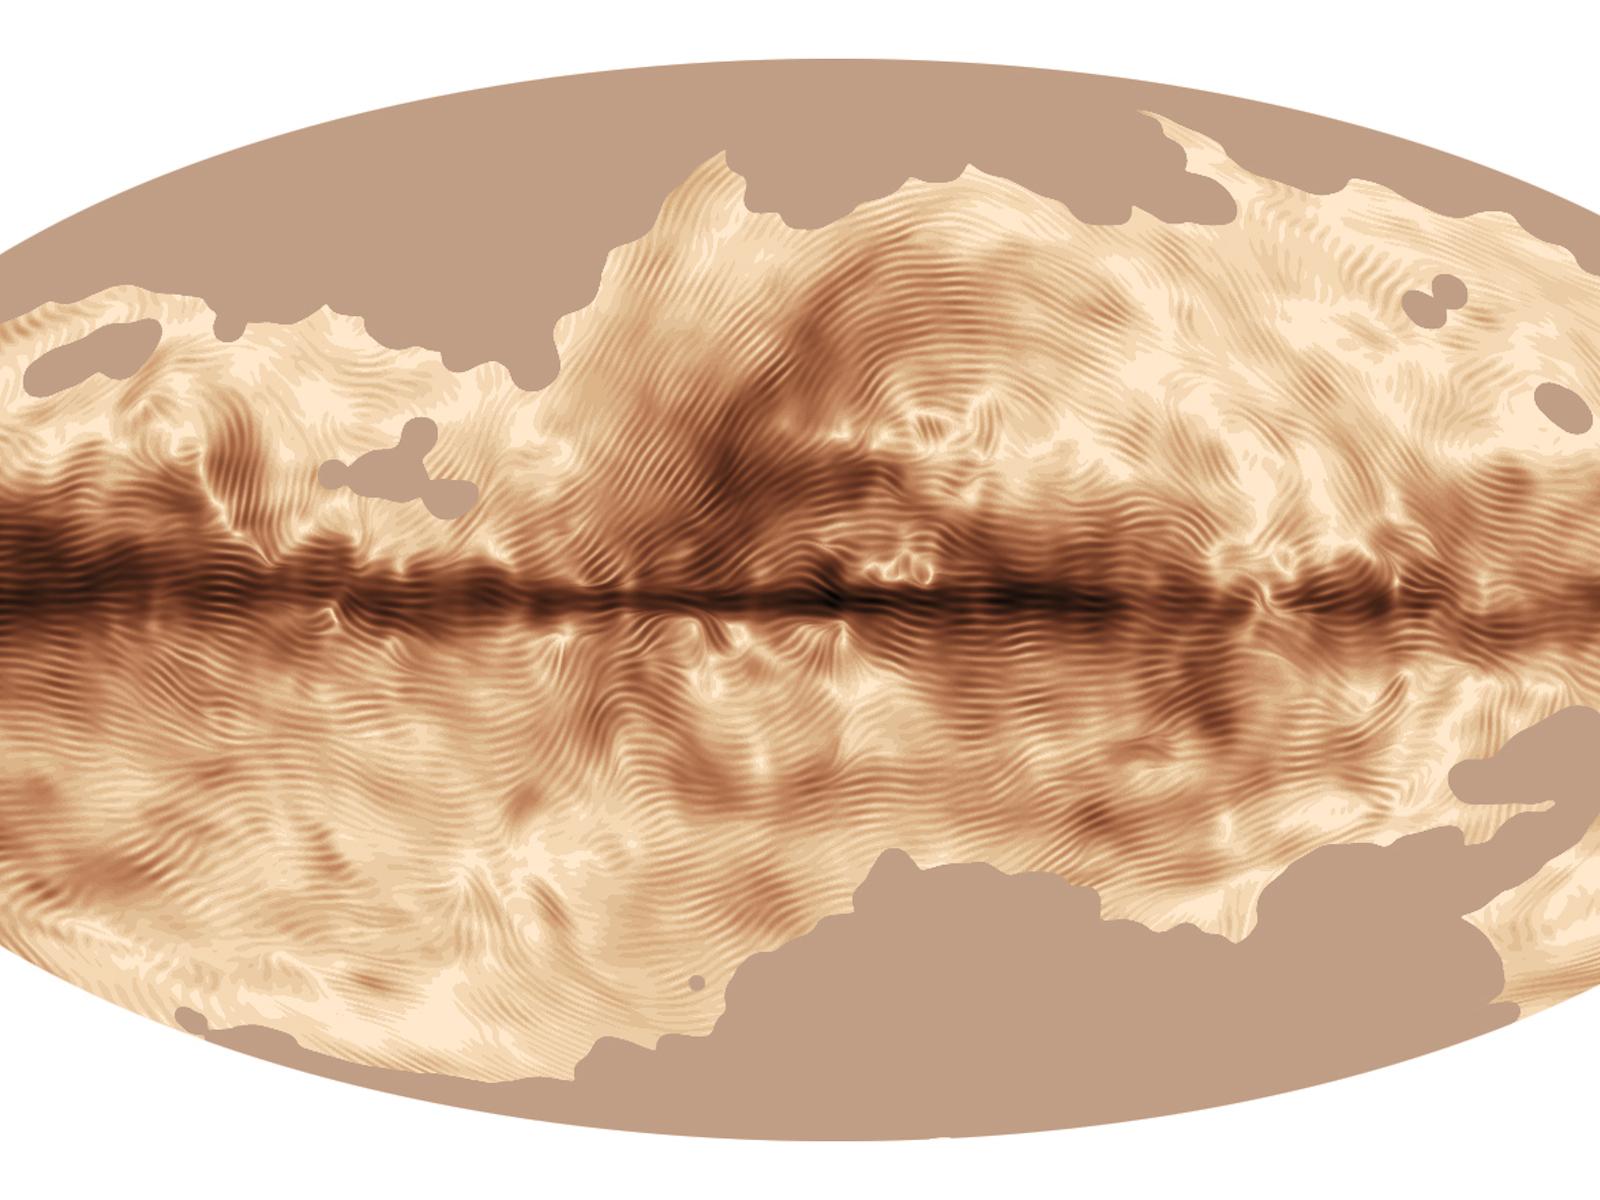 Magnetic Fingerprint | Space Wallpaper